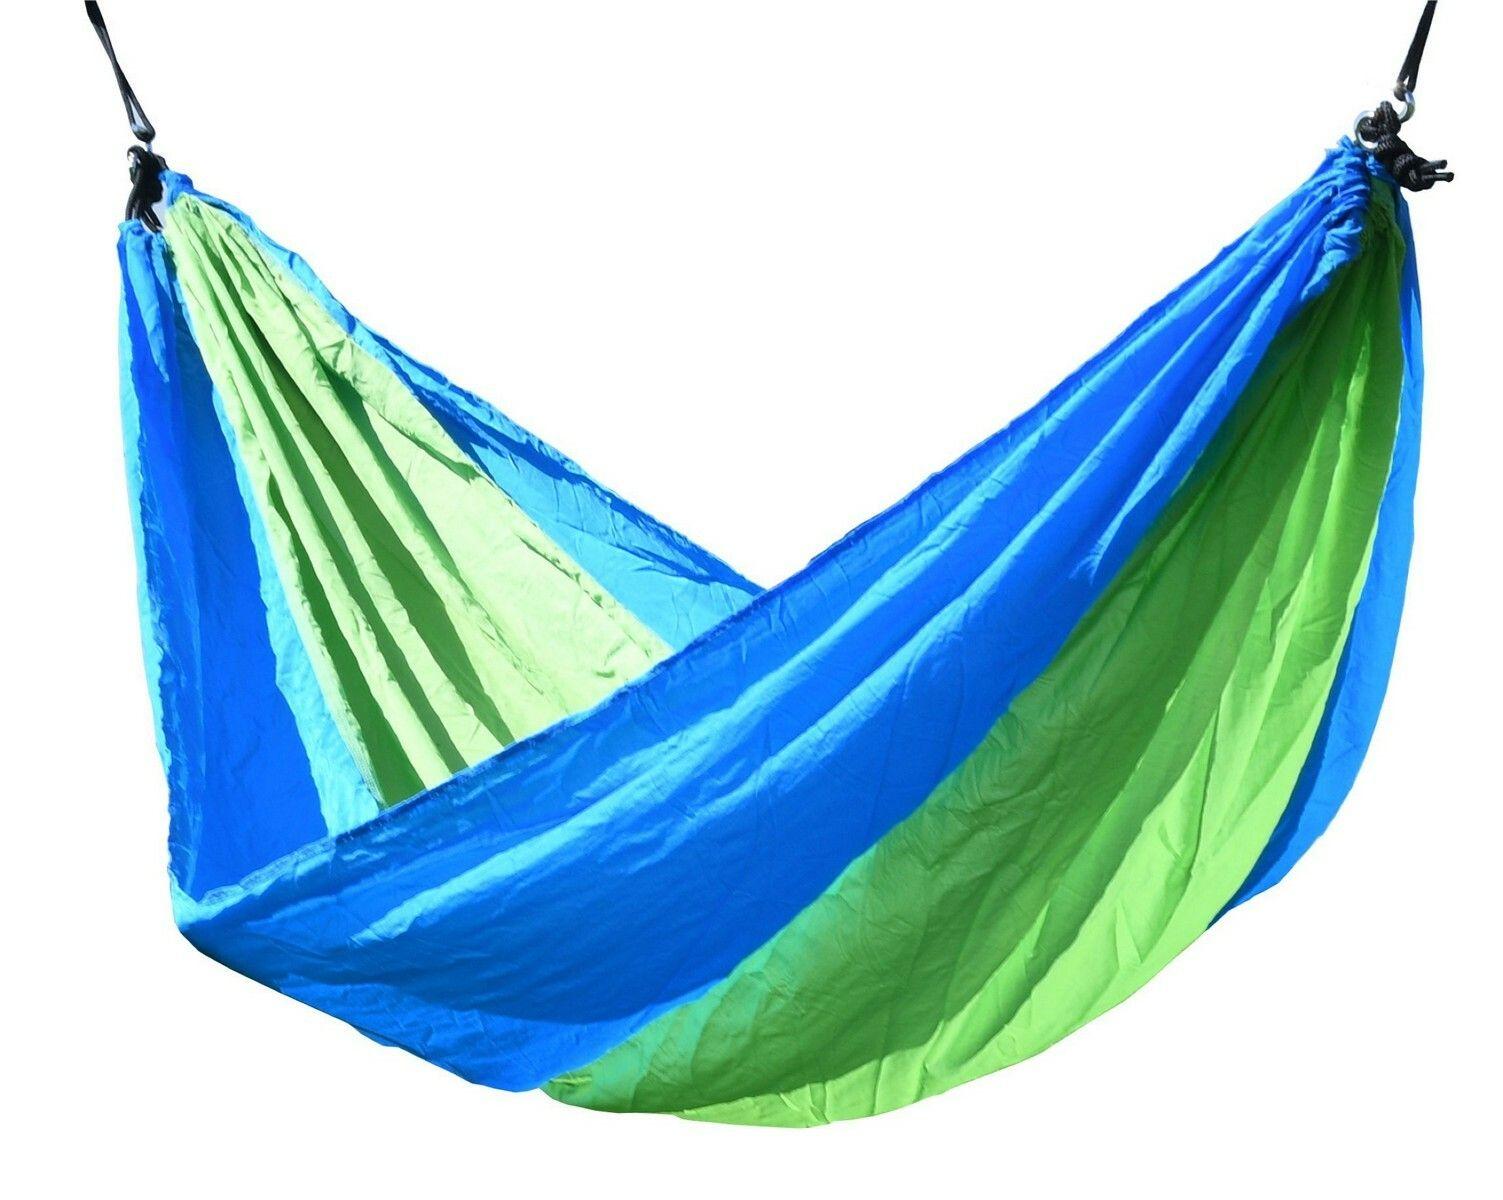 Houpací síť NYLON 275x137cm zeleno-modrá, CATTARA